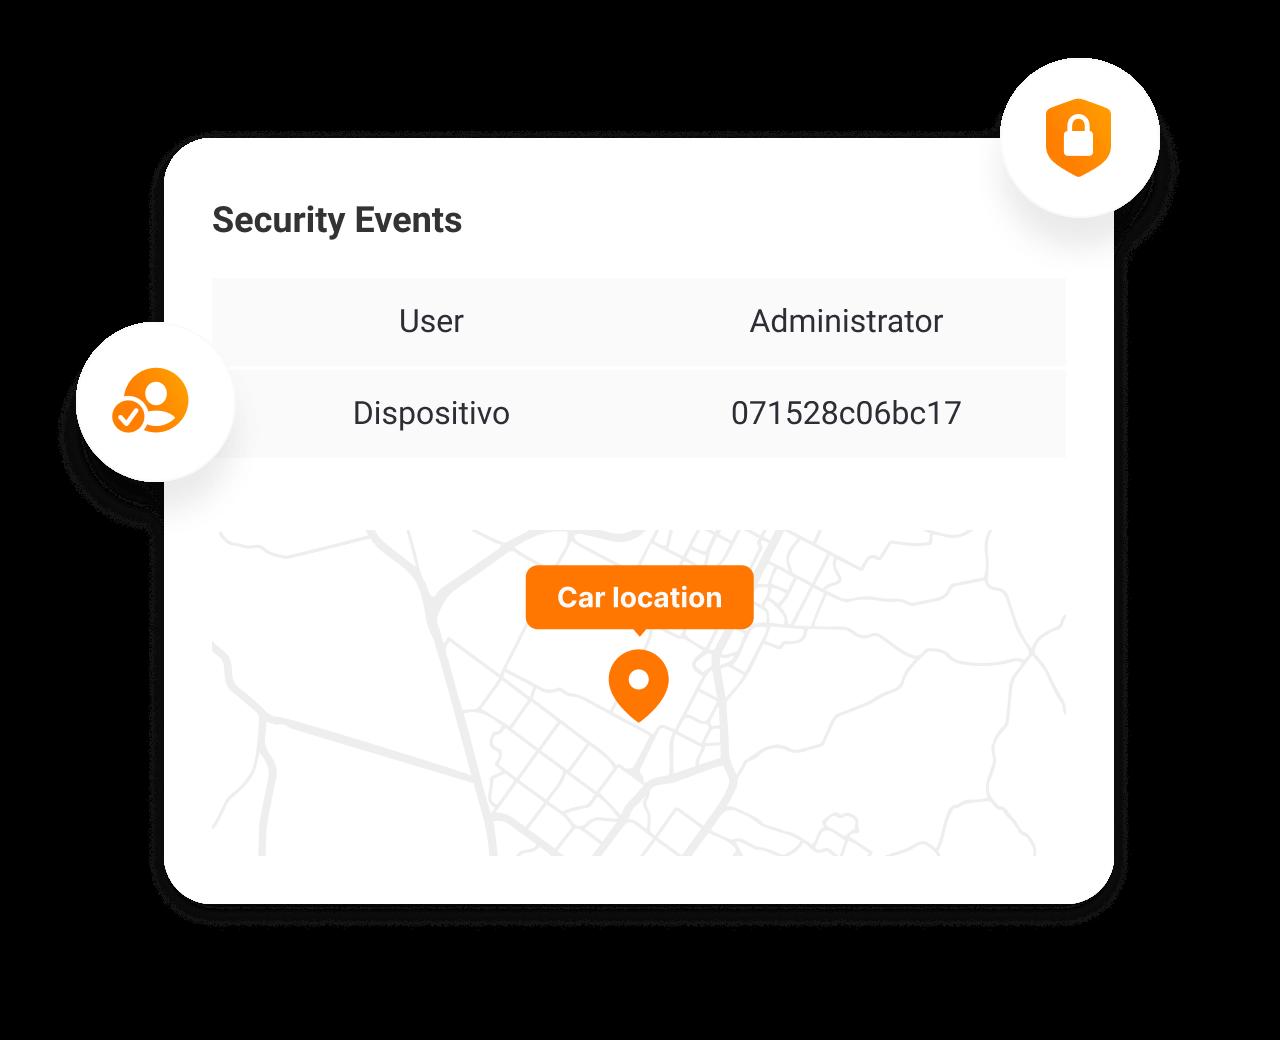 Protegemos la información de sus clientes y la información de pago con nuestras últimas certificaciones de seguridad y Módulo de protección IP.